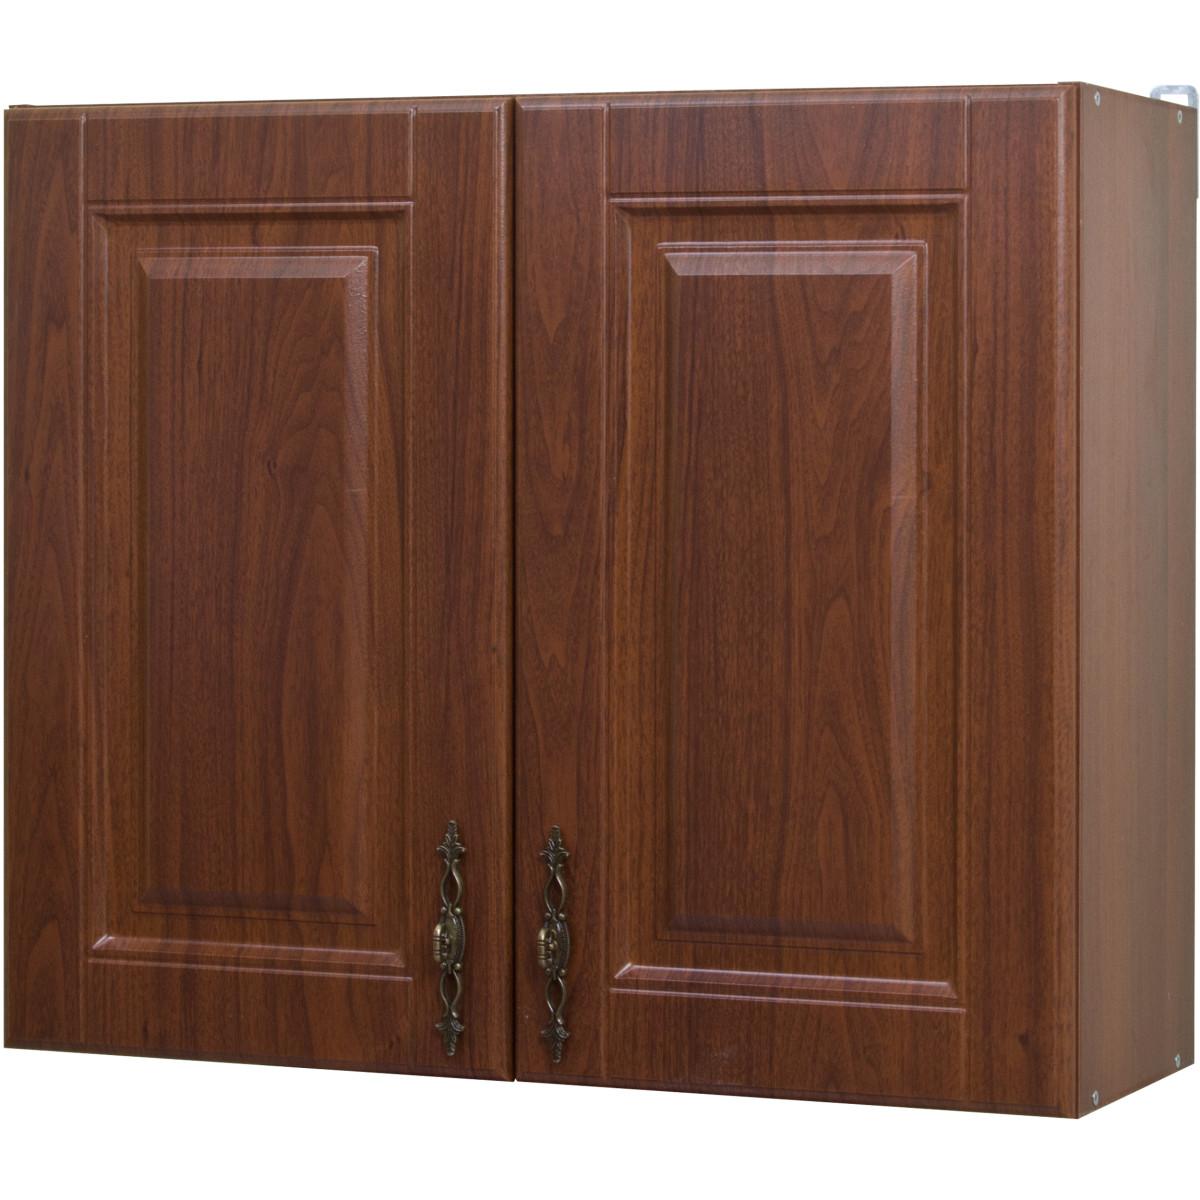 Шкаф навесной Орех Аква 80x68x29 см ЛДСП цвет коричневый